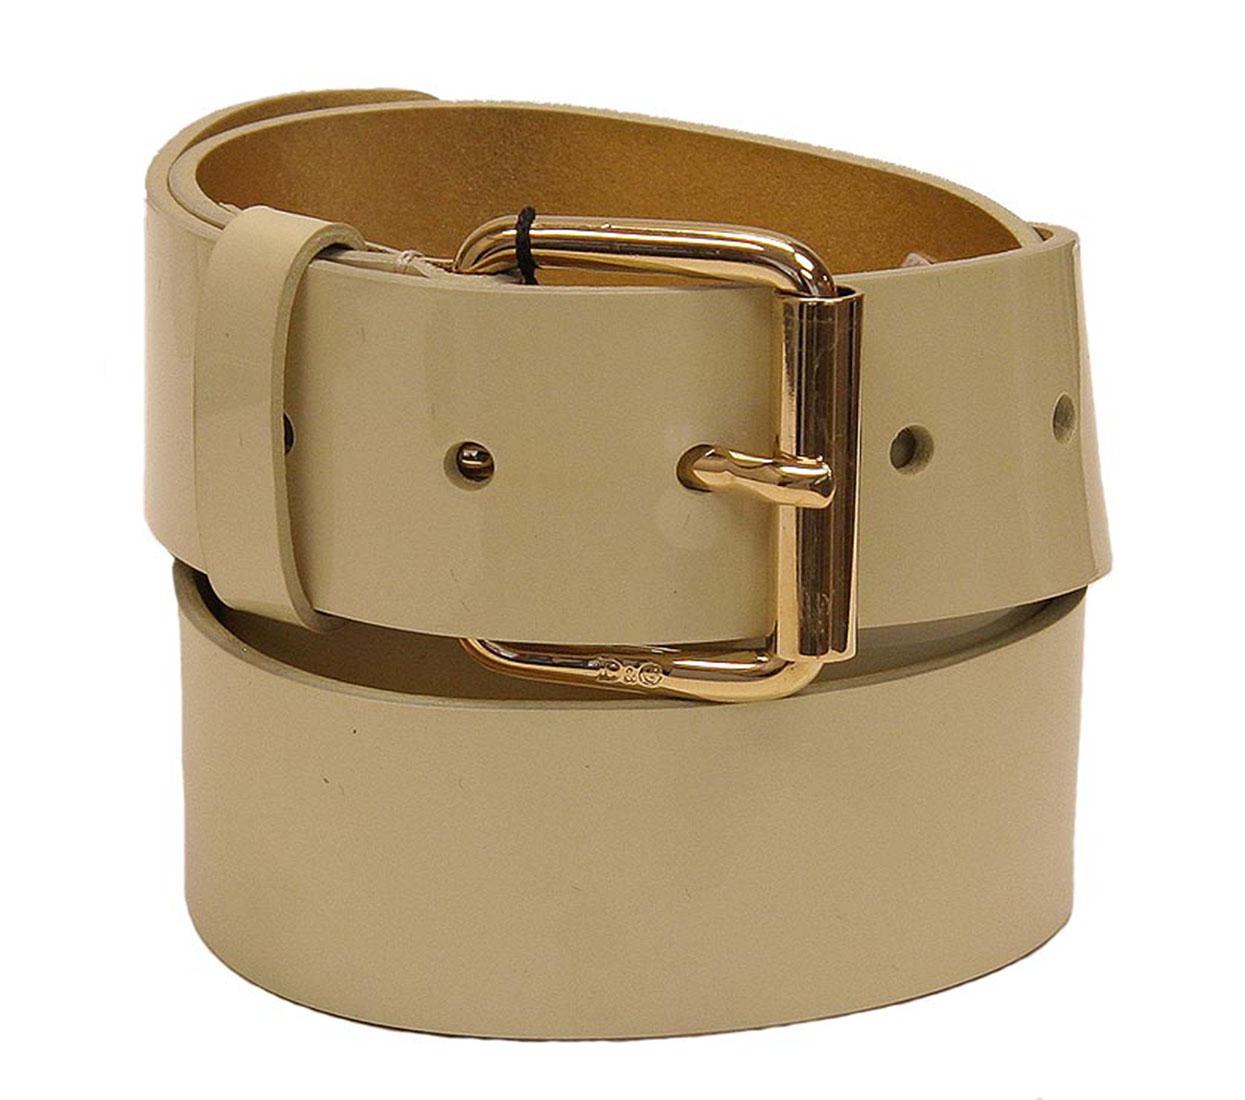 DG Womens Belt Beige Leather